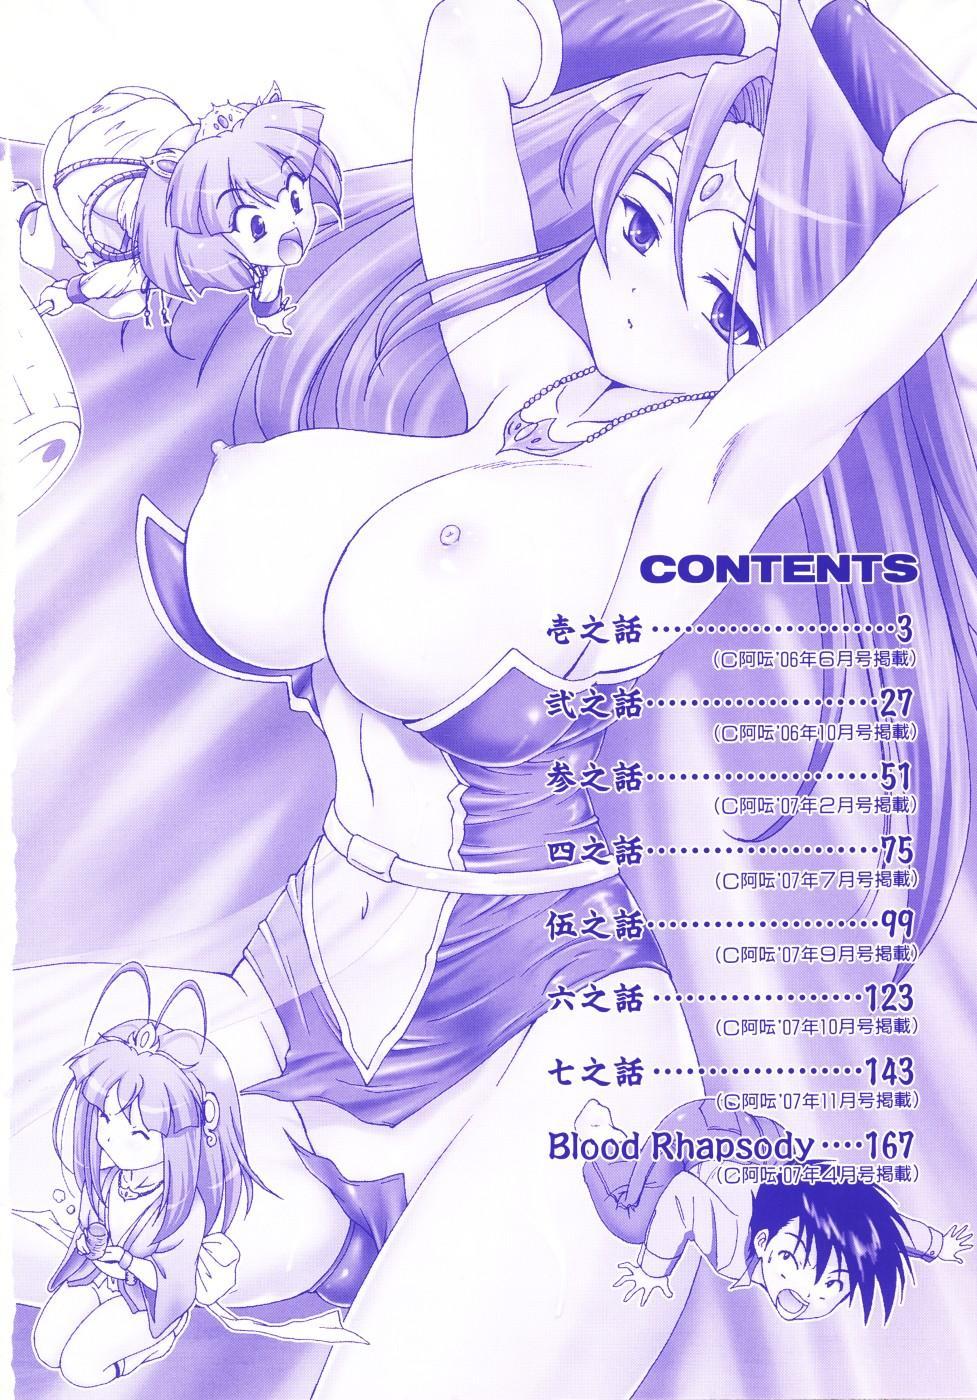 Daikyou Megami 6